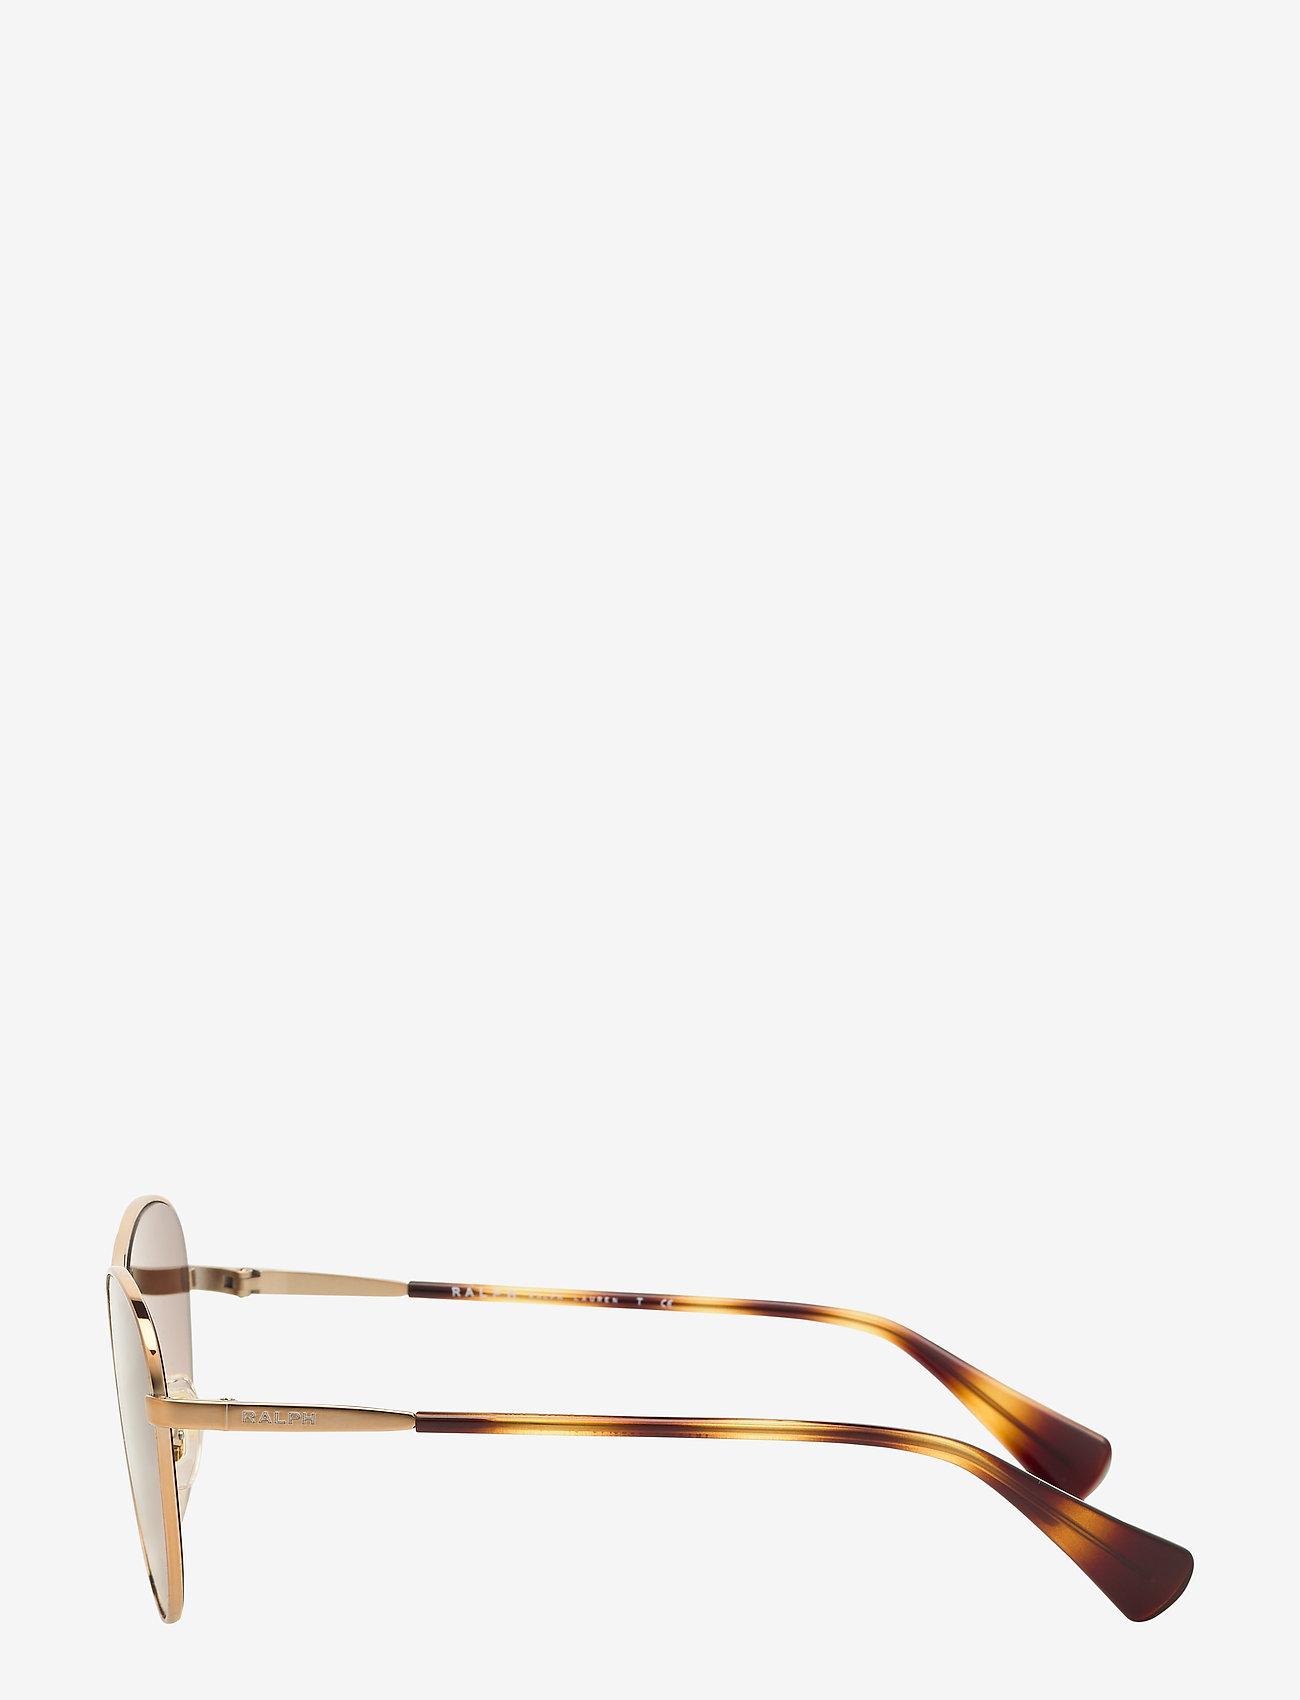 Ralph Lauren Sunglasses Ralph Lauren Sunglasses - Okulary przeciwsłoneczne ROSE GOLD - Akcesoria